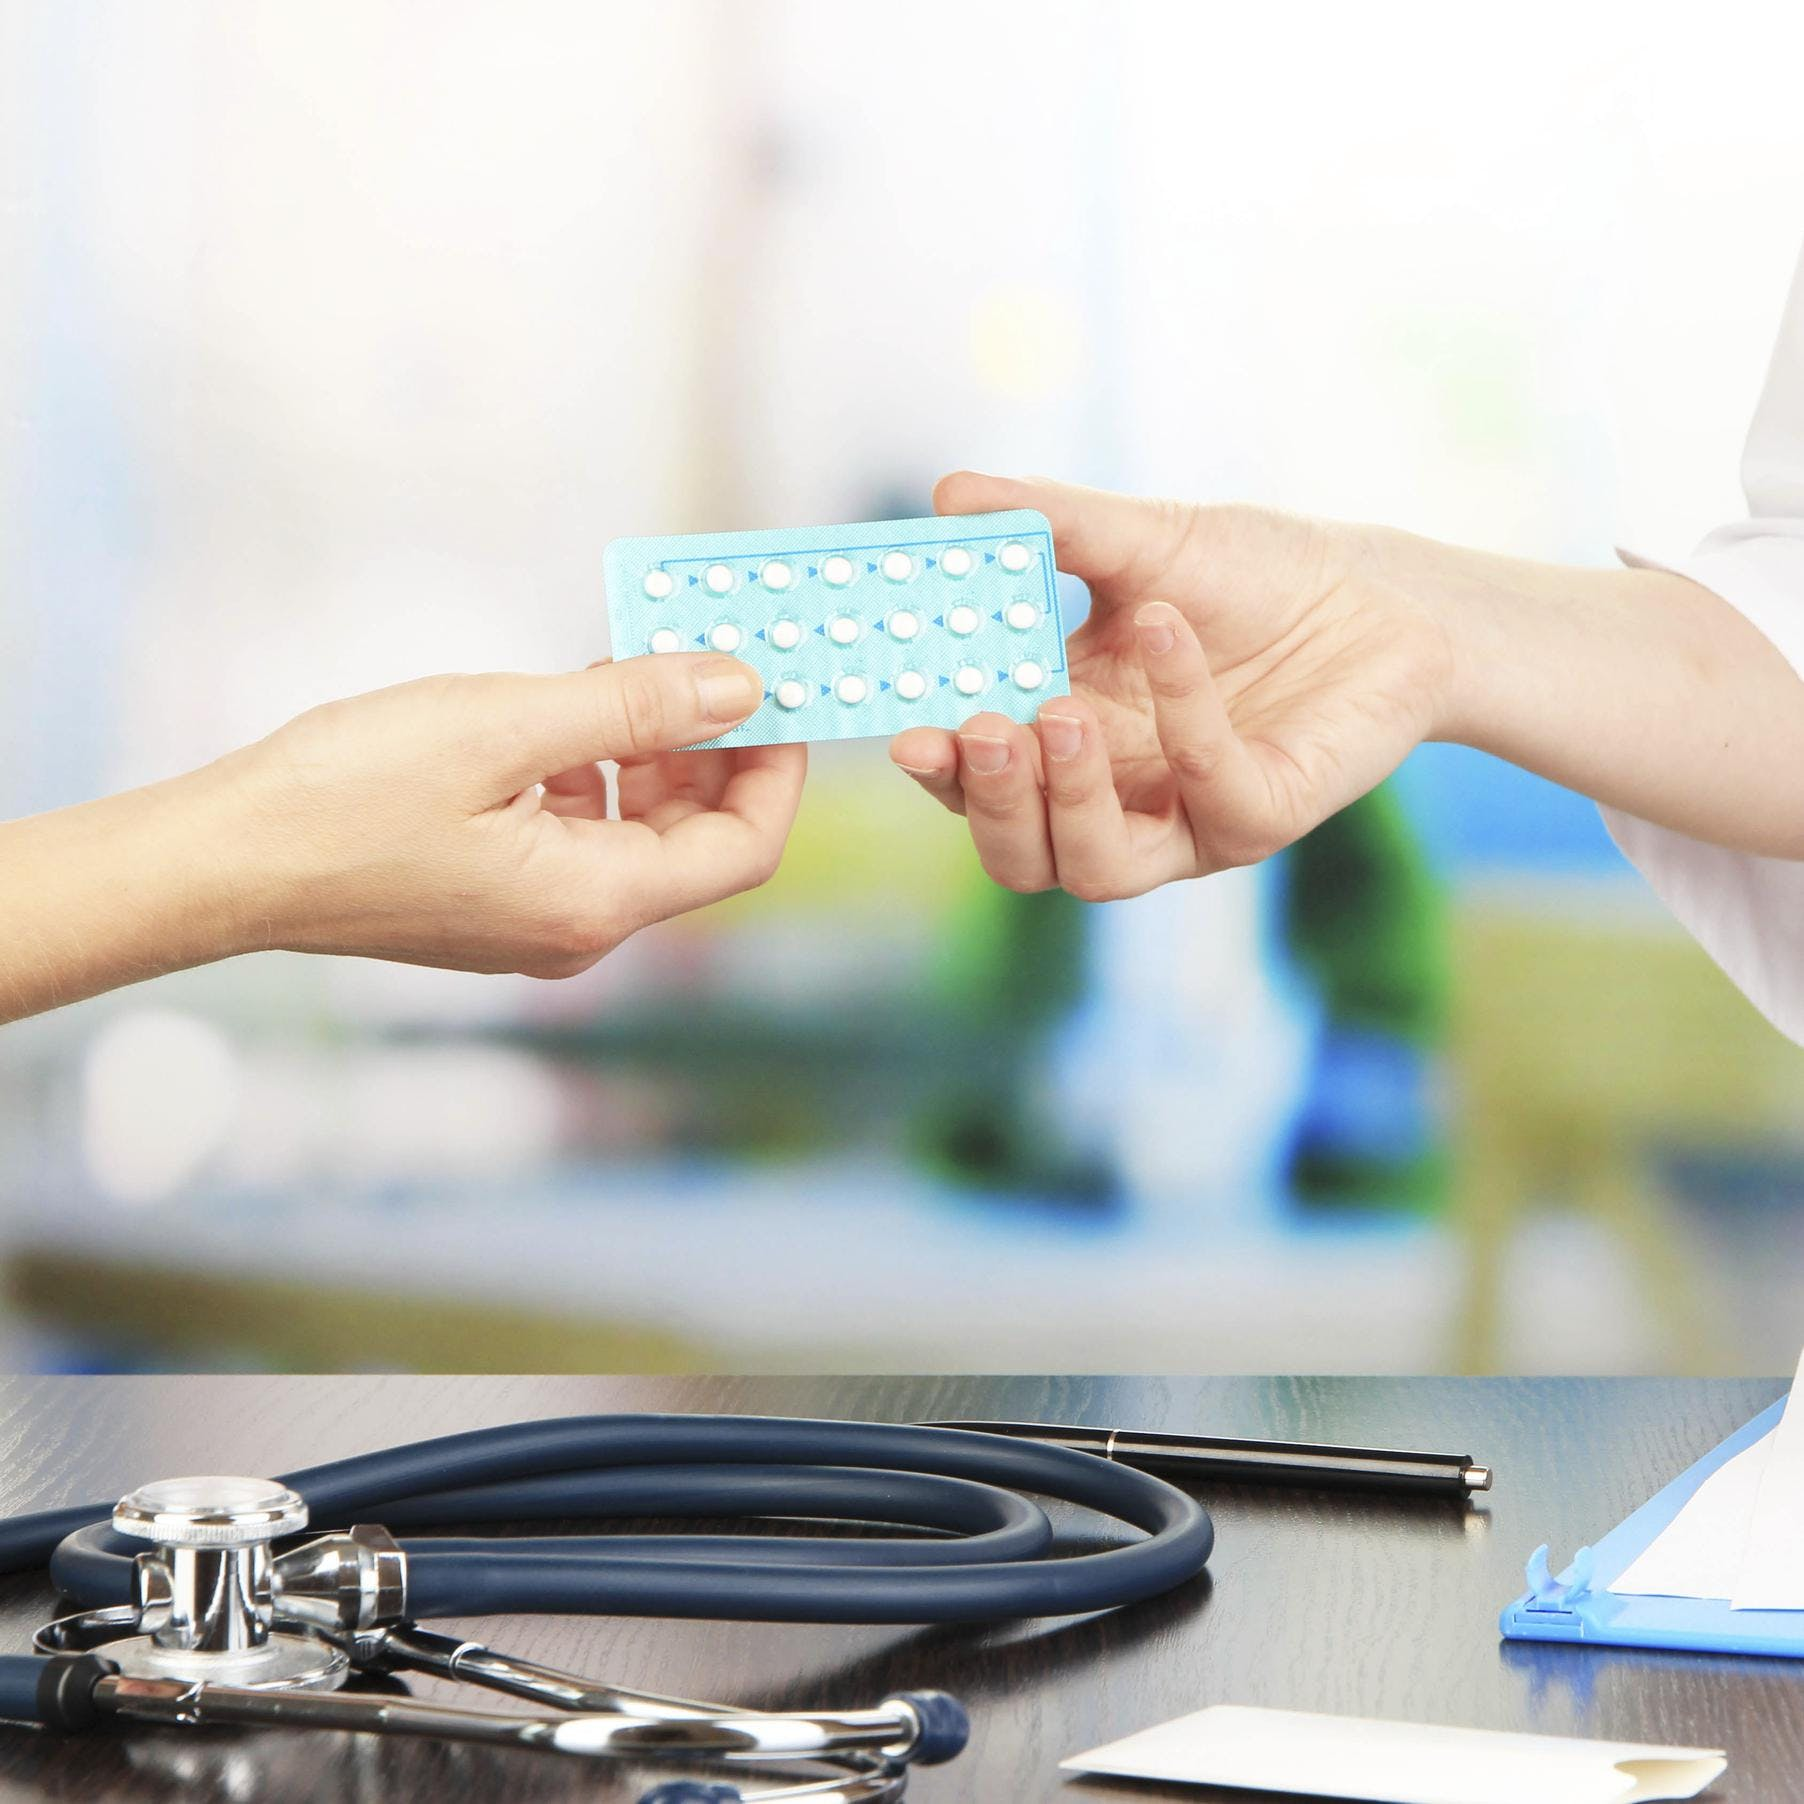 Pays-Bas: bientôt une contraception imposée aux   parents incompétents?